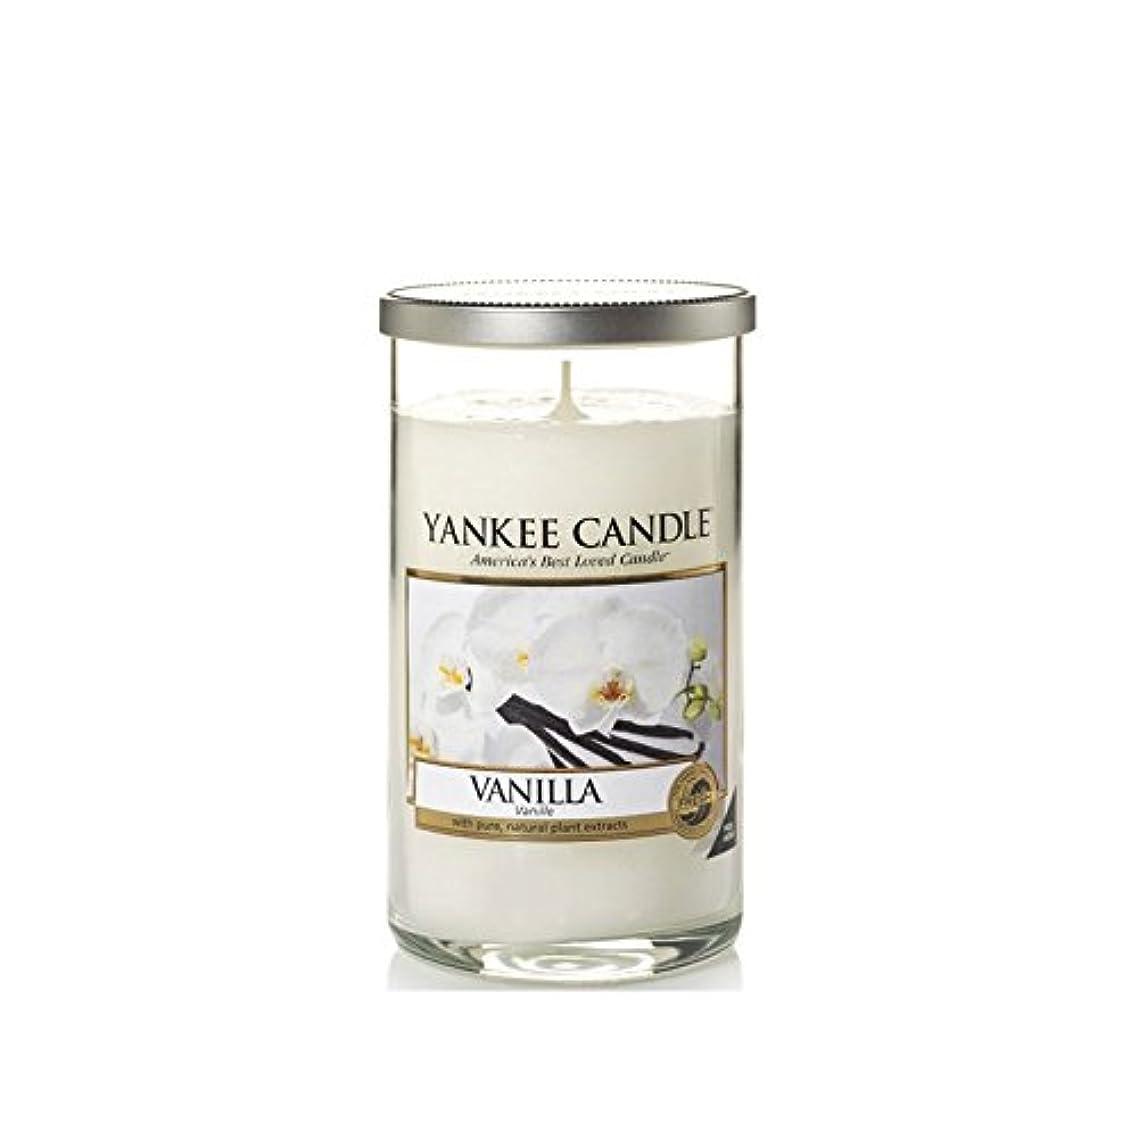 変装一致するキッチンYankee Candles Medium Pillar Candle - Vanilla (Pack of 6) - ヤンキーキャンドルメディアピラーキャンドル - バニラ (x6) [並行輸入品]